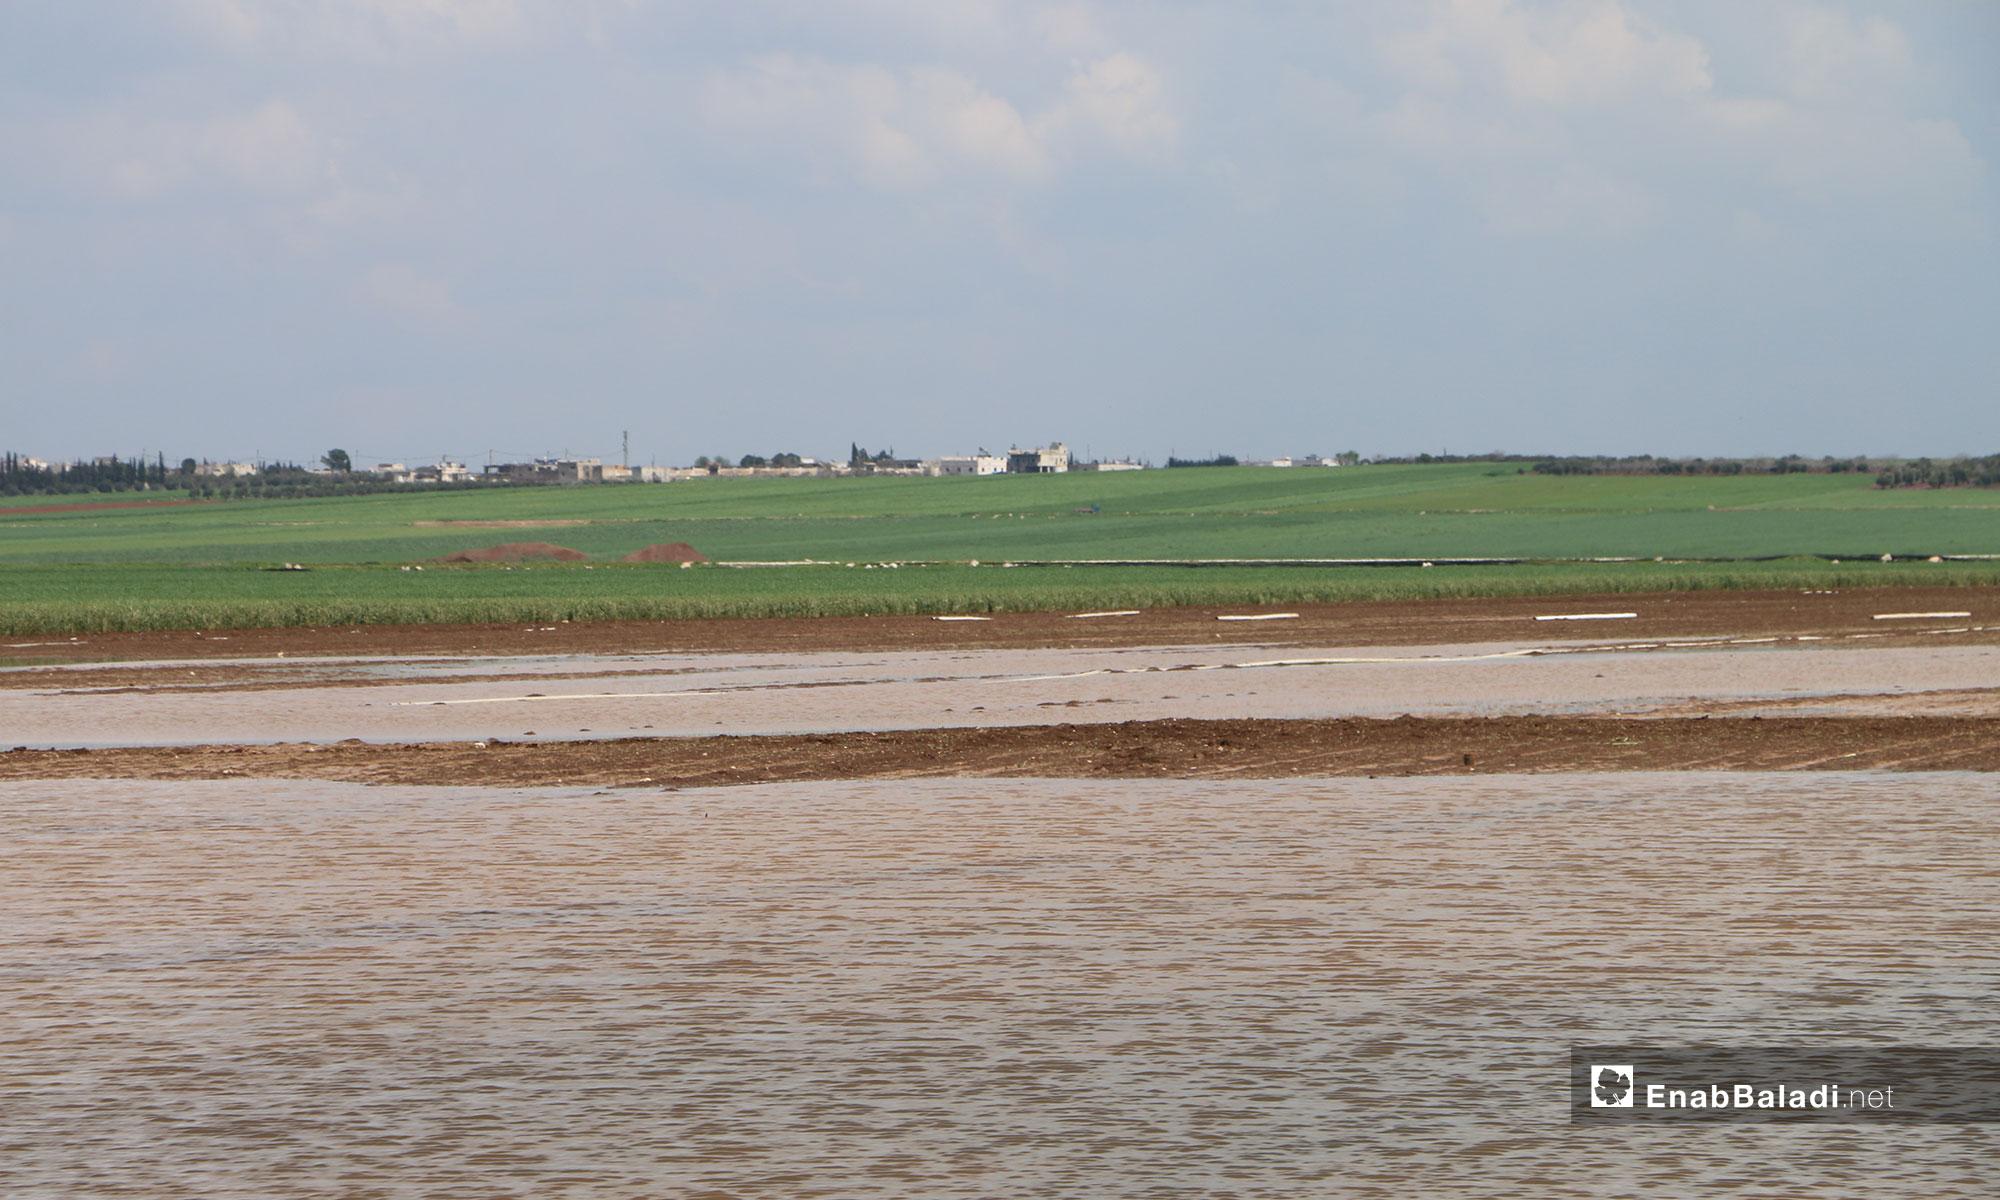 مساحات واسعة متضررة من أراضي ريف حلب الشمالي - 4 من نيسان 2019 (عنب بلدي)